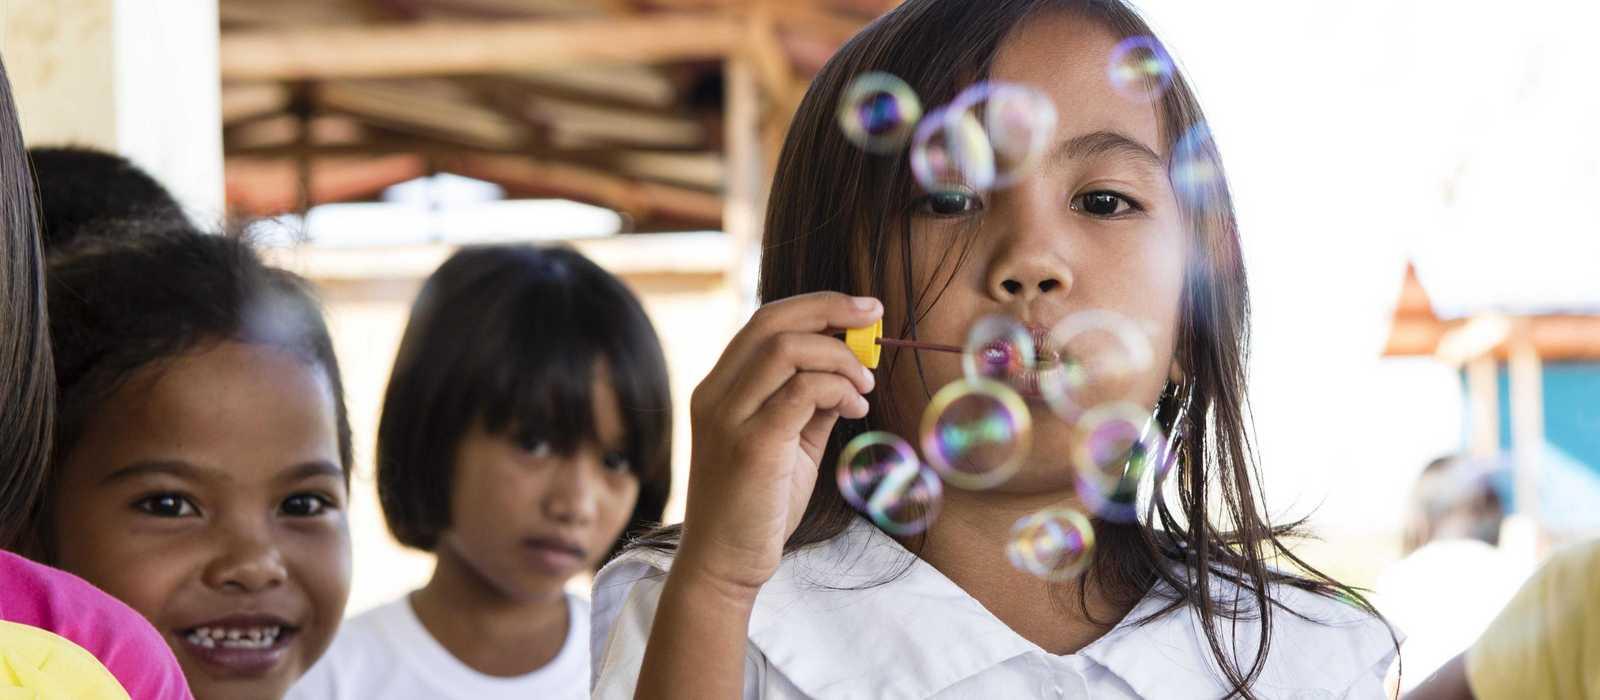 Mädchen spielen mit Seifenblasen